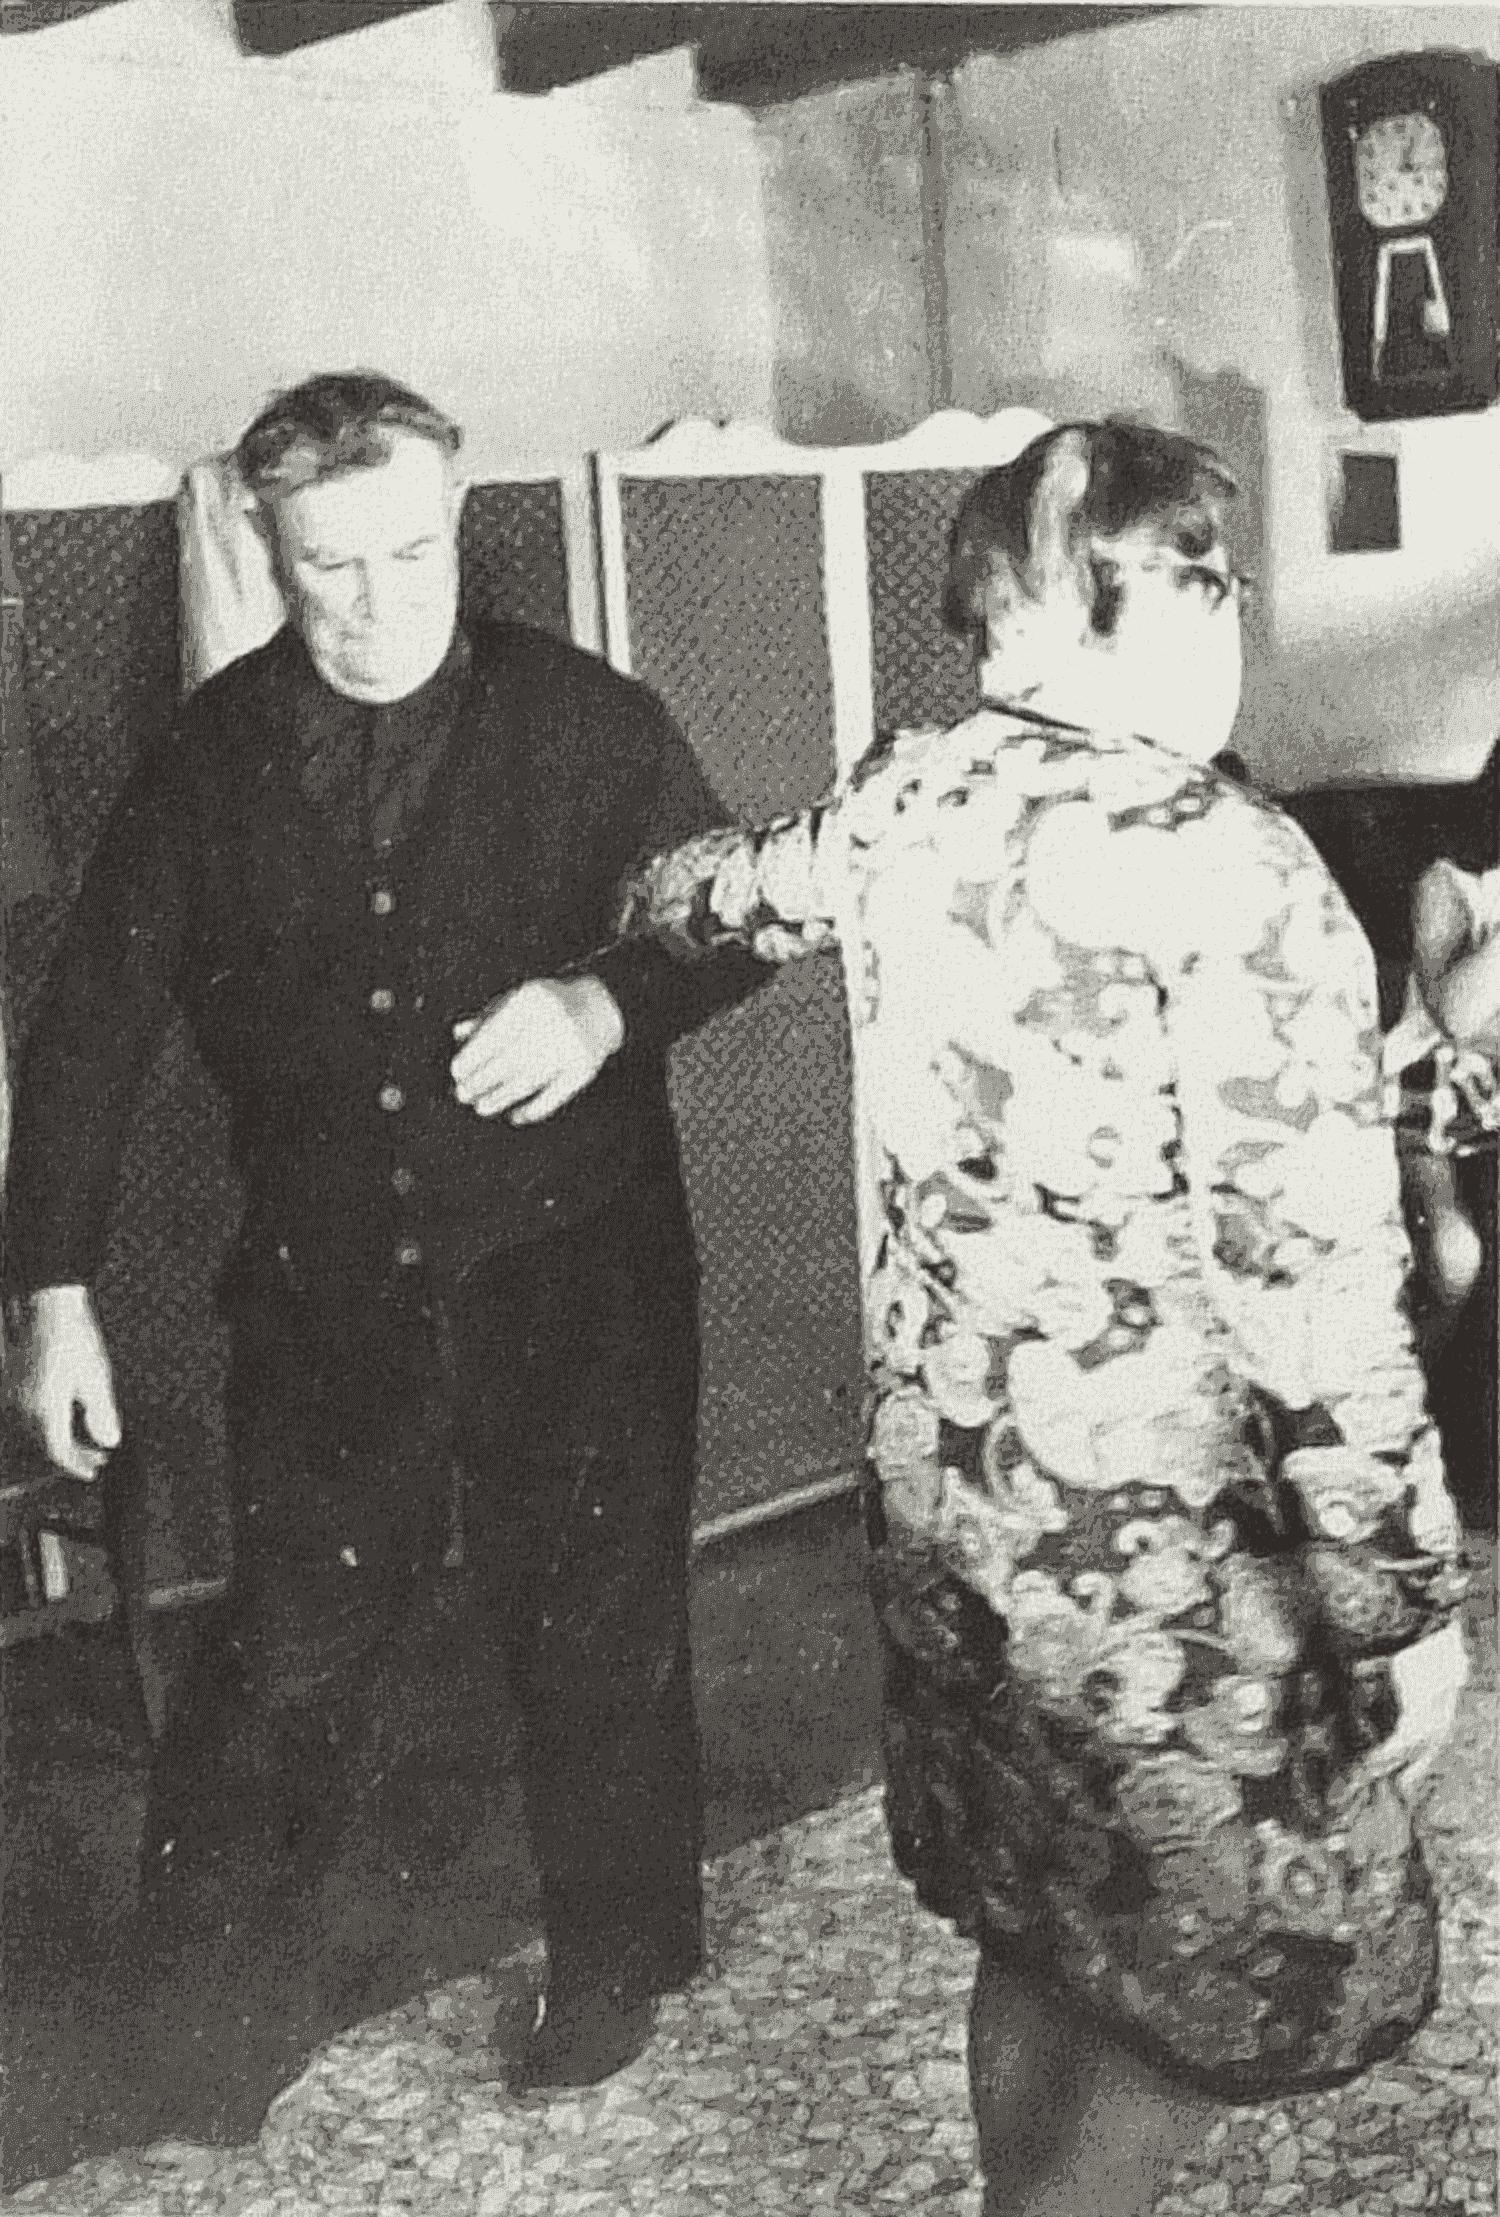 Paul danse avec sa femme la deuxième figure du « Bal des Bretons ».